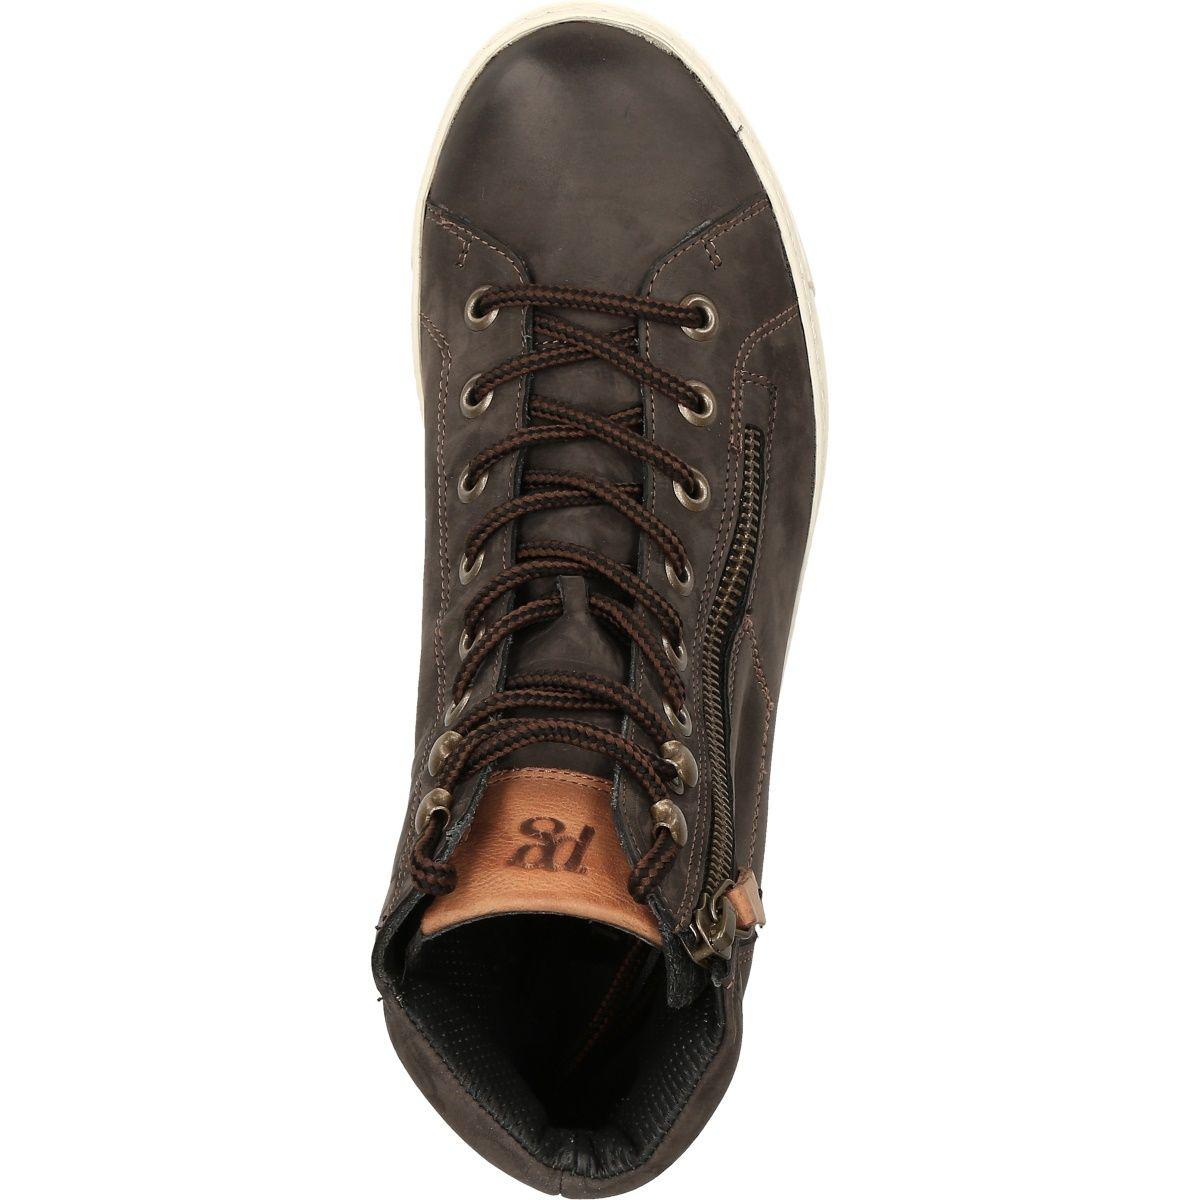 8f5619a6289d00 Sneakers in grey - 4675-063 Buy in Paul Green Online-Shop